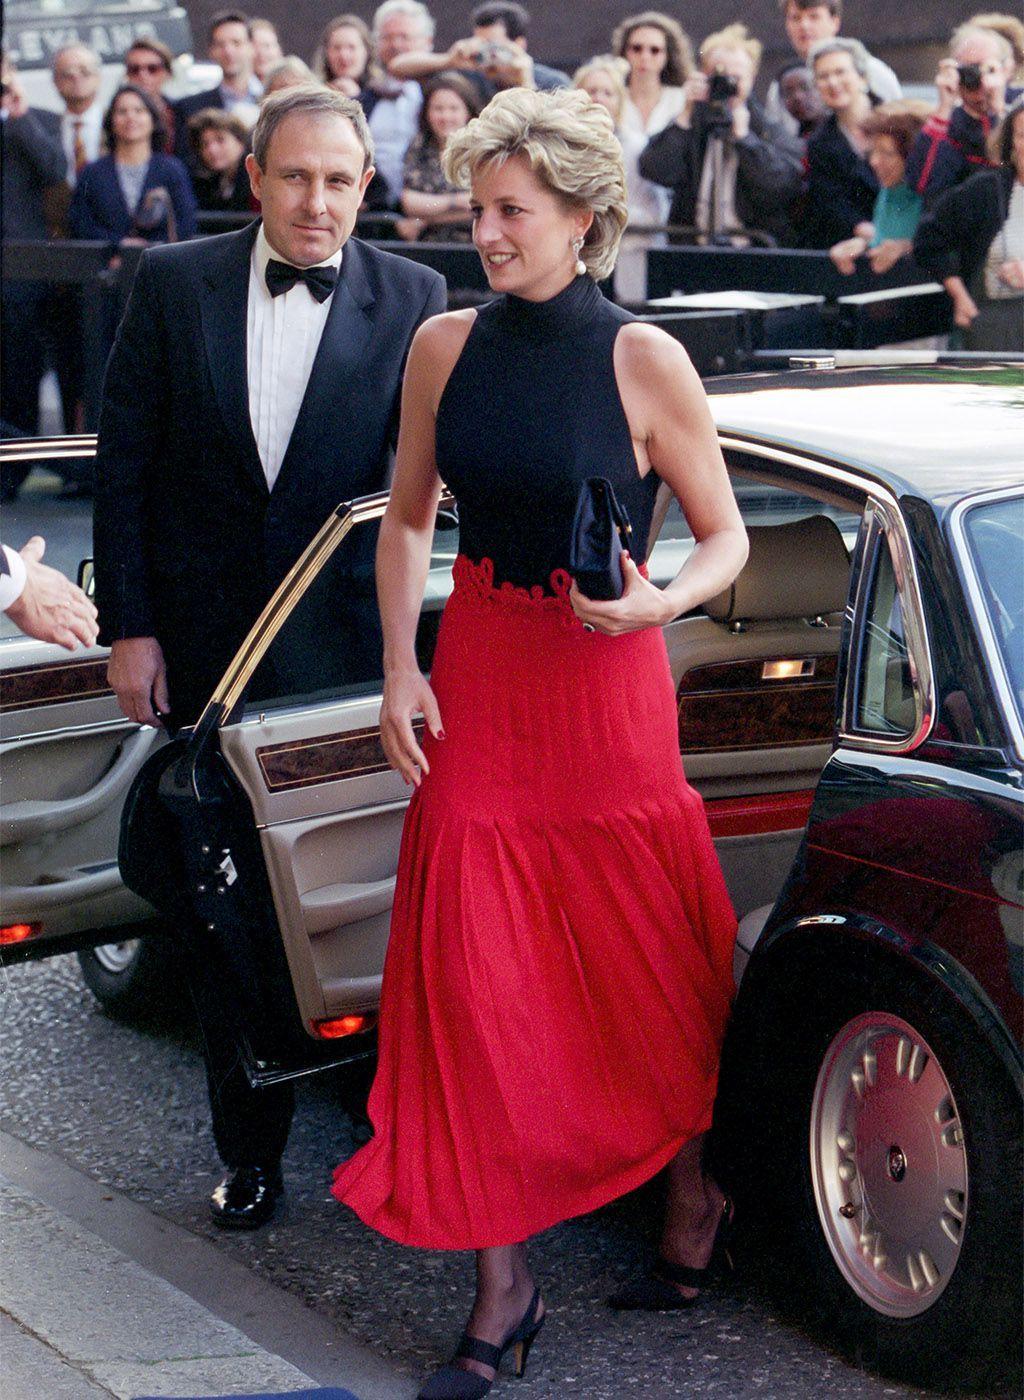 Un Viaje Por Los Mejores Looks De La Princesa Diana De Gales In 2020 Princess Diana Fashion Princess Diana Princess Diana Pictures